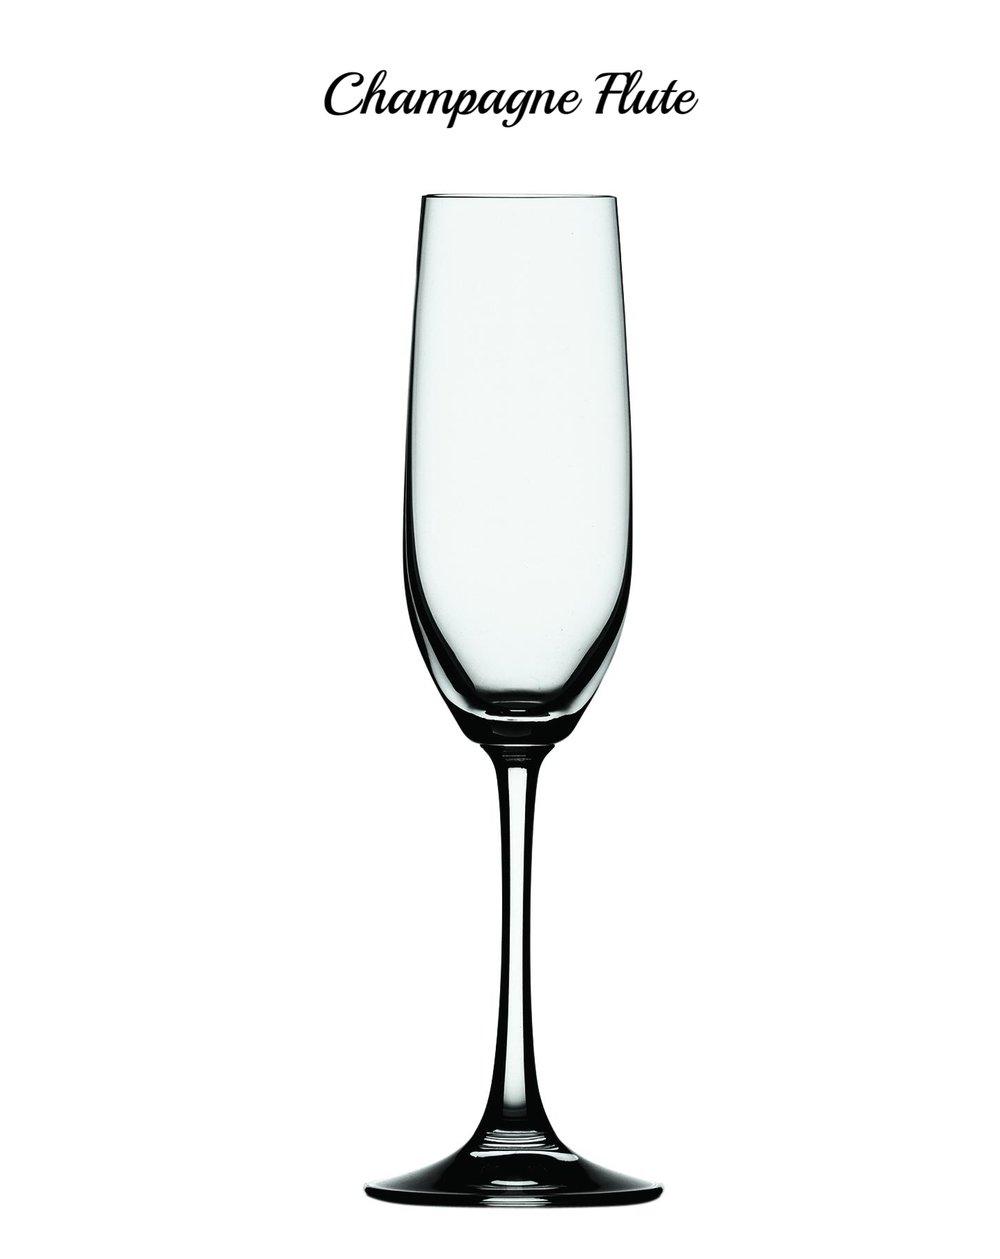 Champagne Flute 4510275.jpg